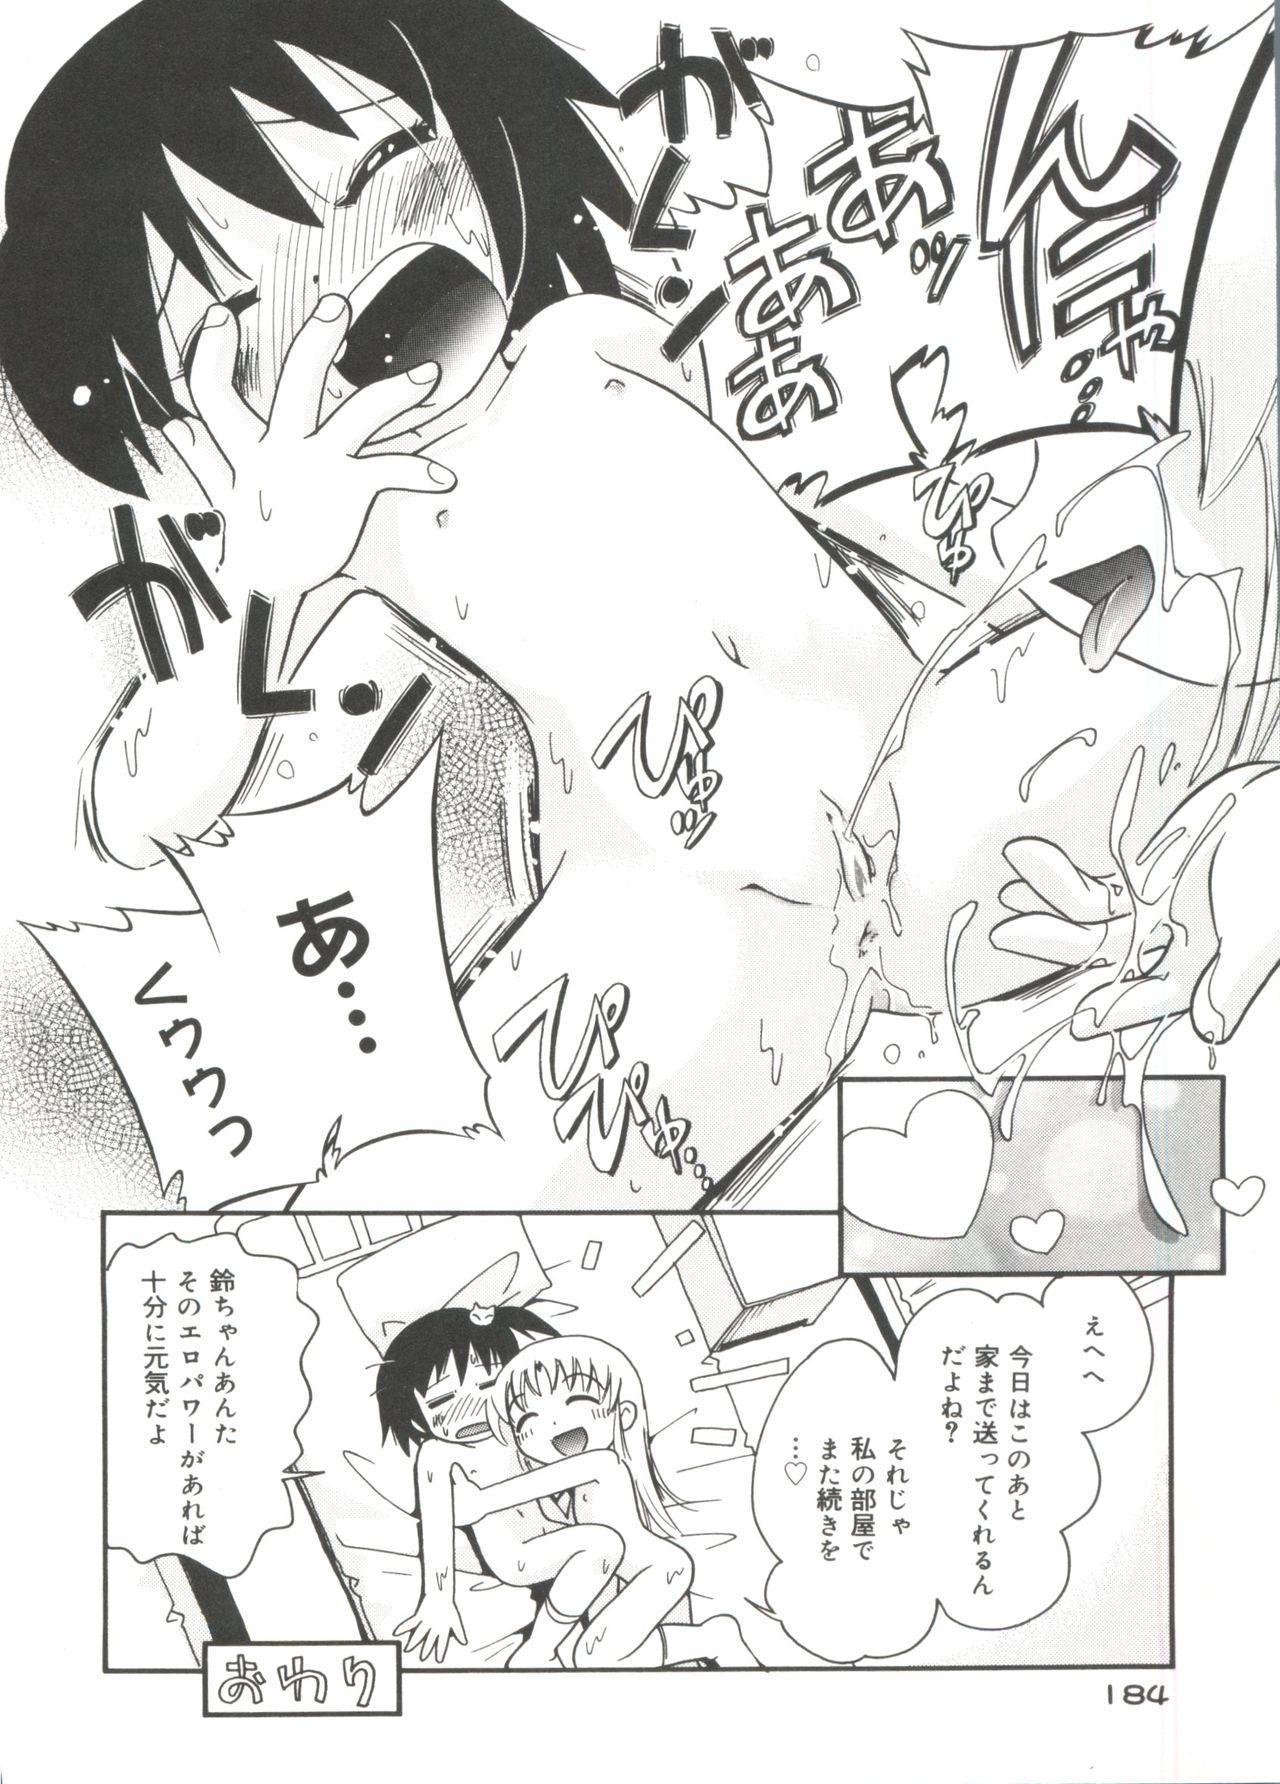 Nakayoshi-chan 185